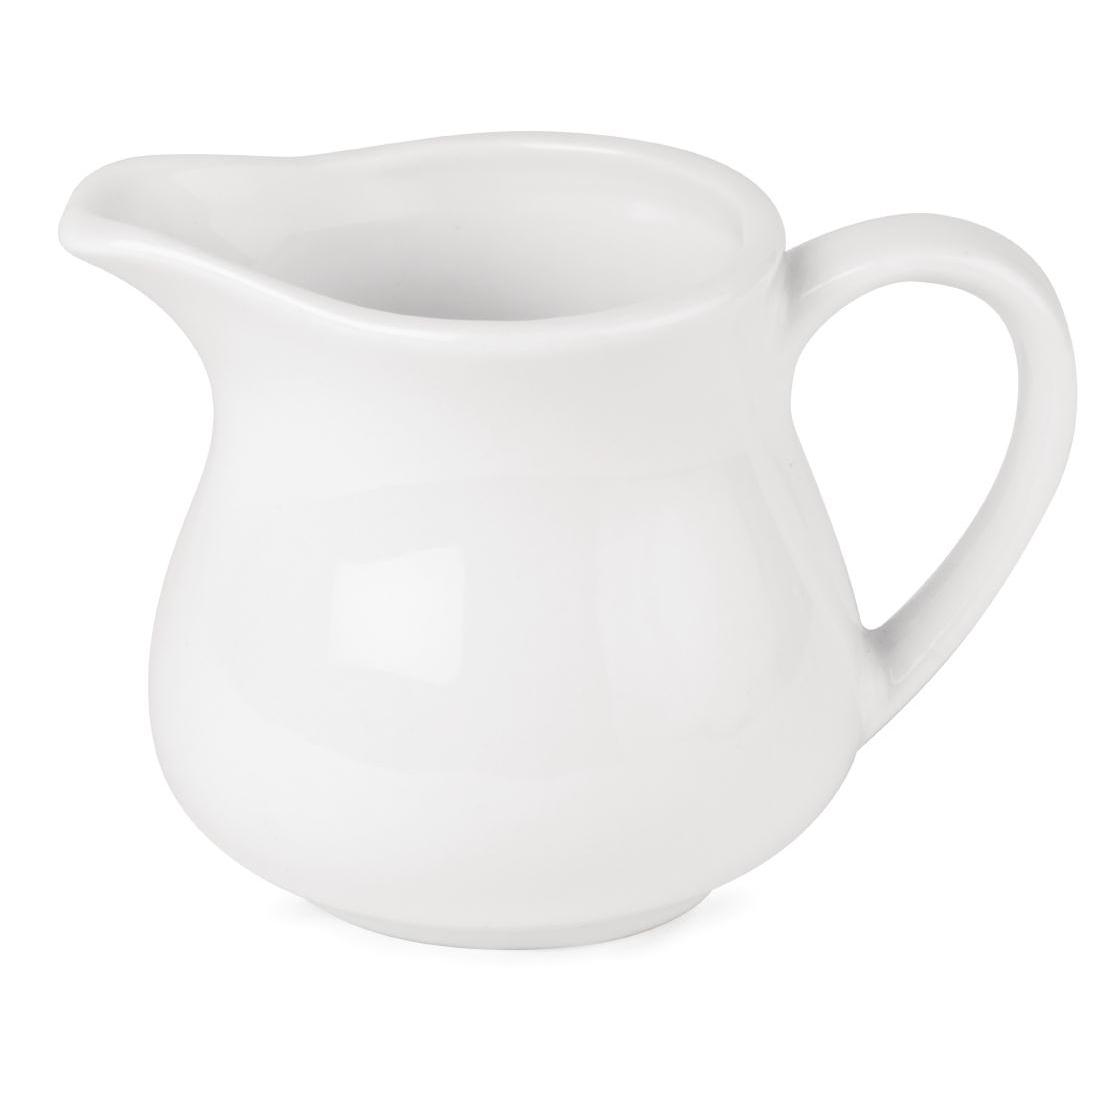 Pots à lait Athena Hotelware 170ml par 4